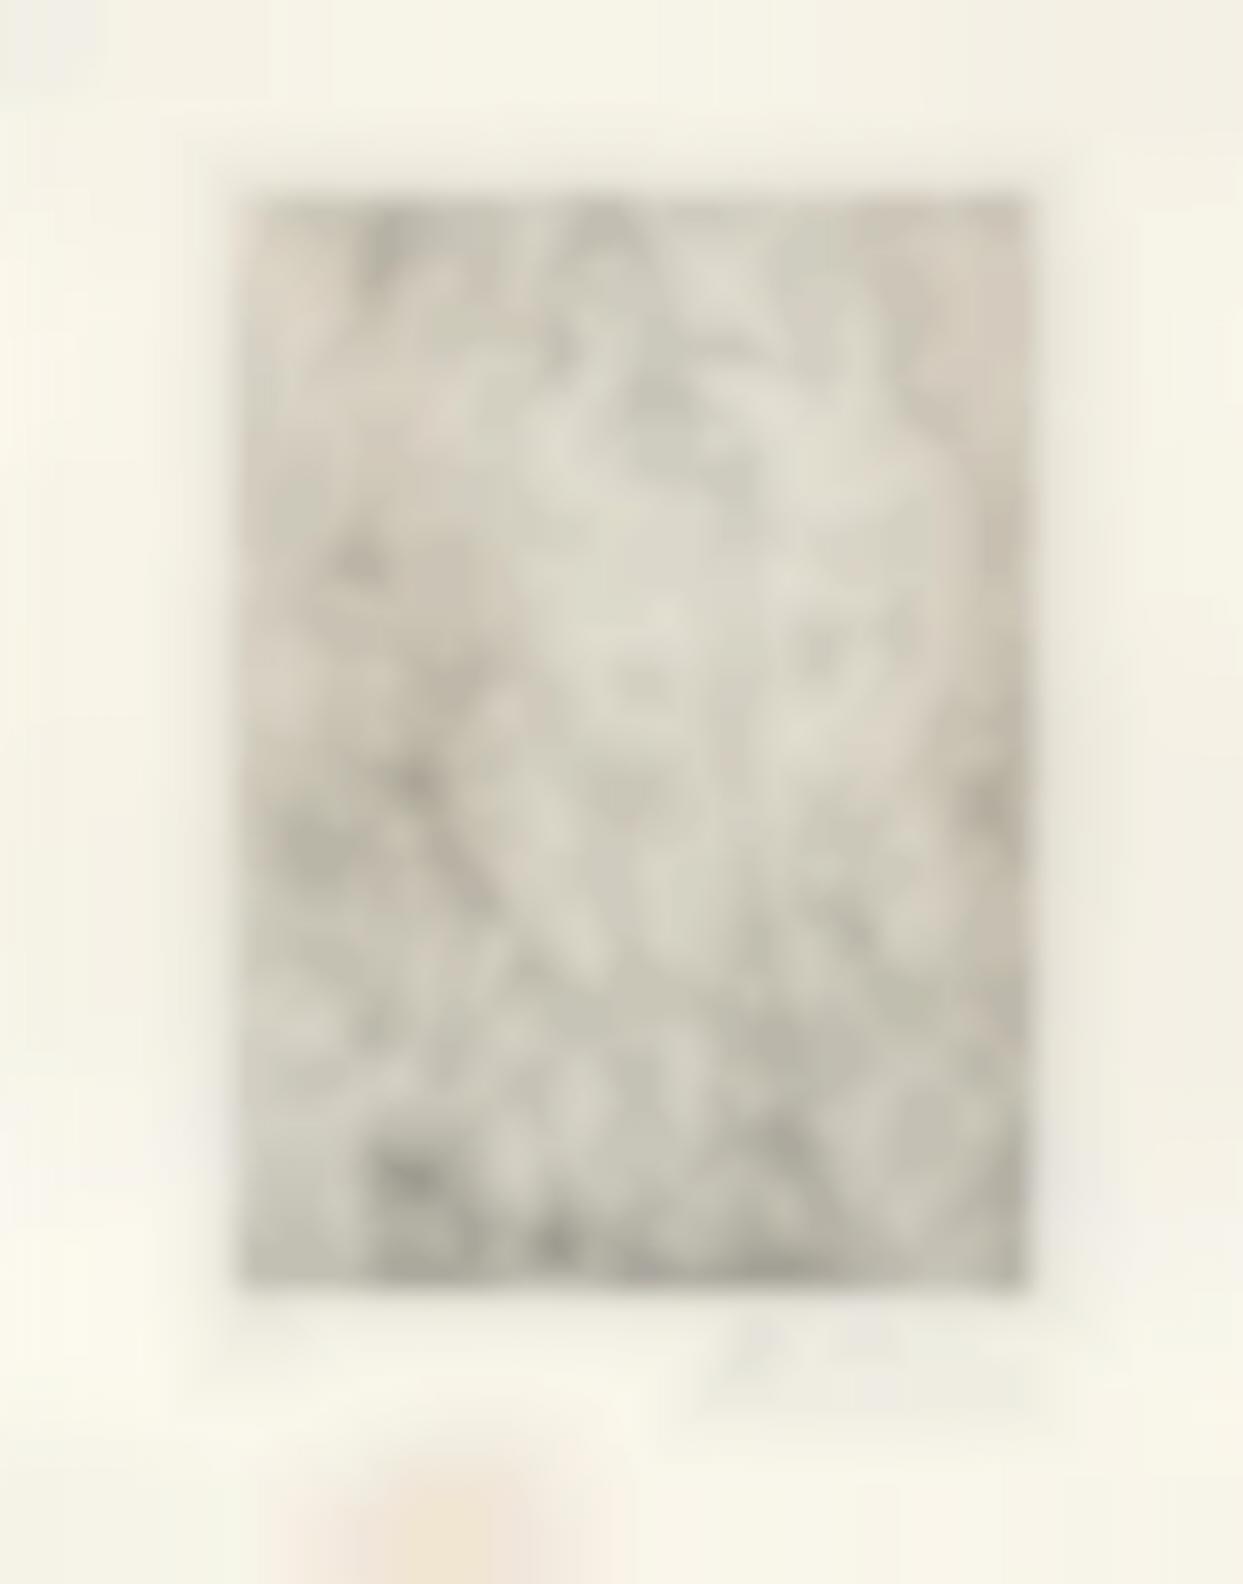 Pablo Picasso-Les Trois Baigneuses, II (Bloch 61; Baer 107)-1923